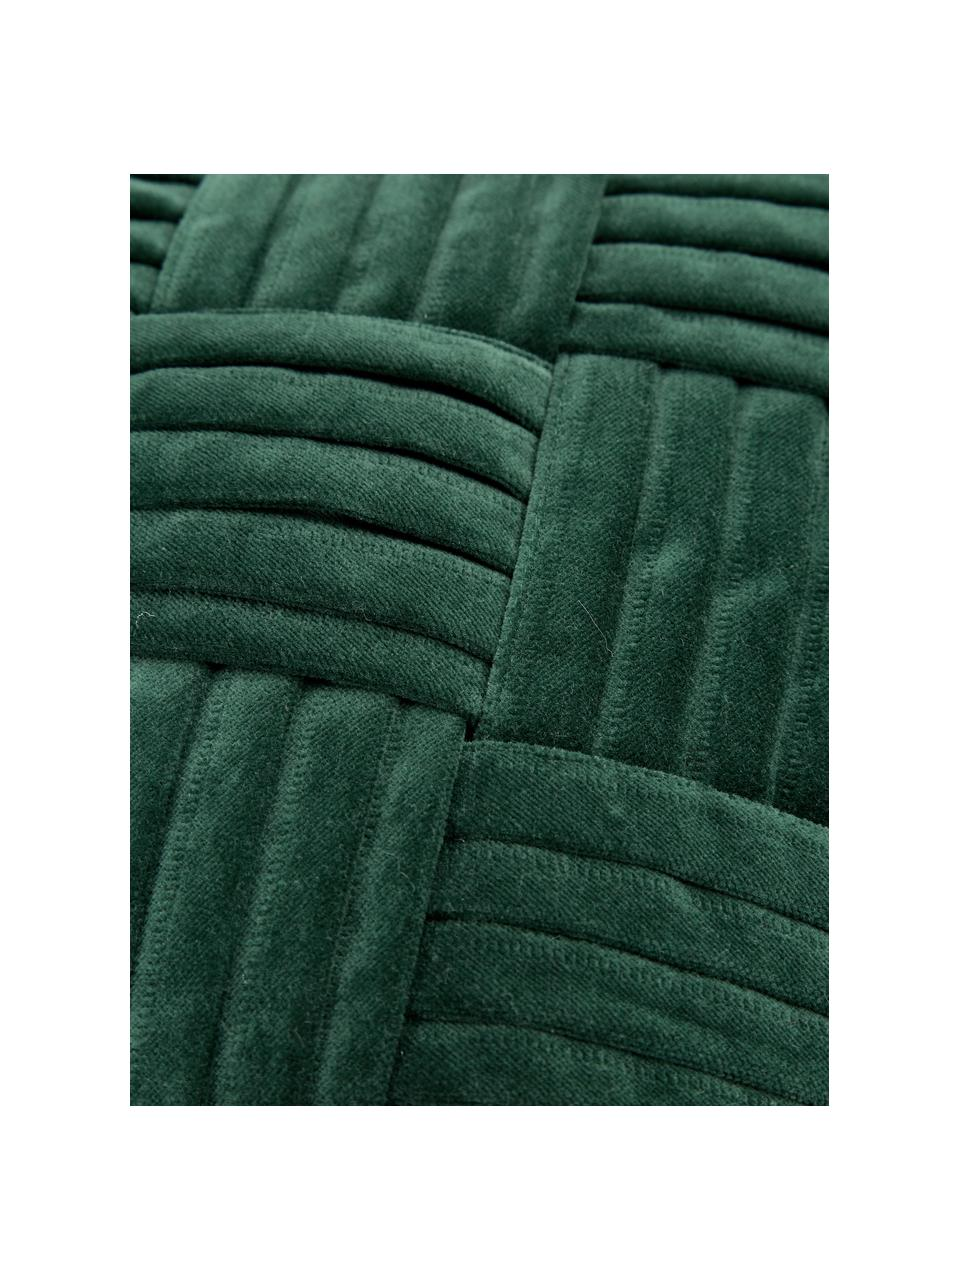 Federa arredo in velluto verde scuro con motivo a rilievo Sina, Velluto (100% cotone), Verde, Larg. 45 x Lung. 45 cm